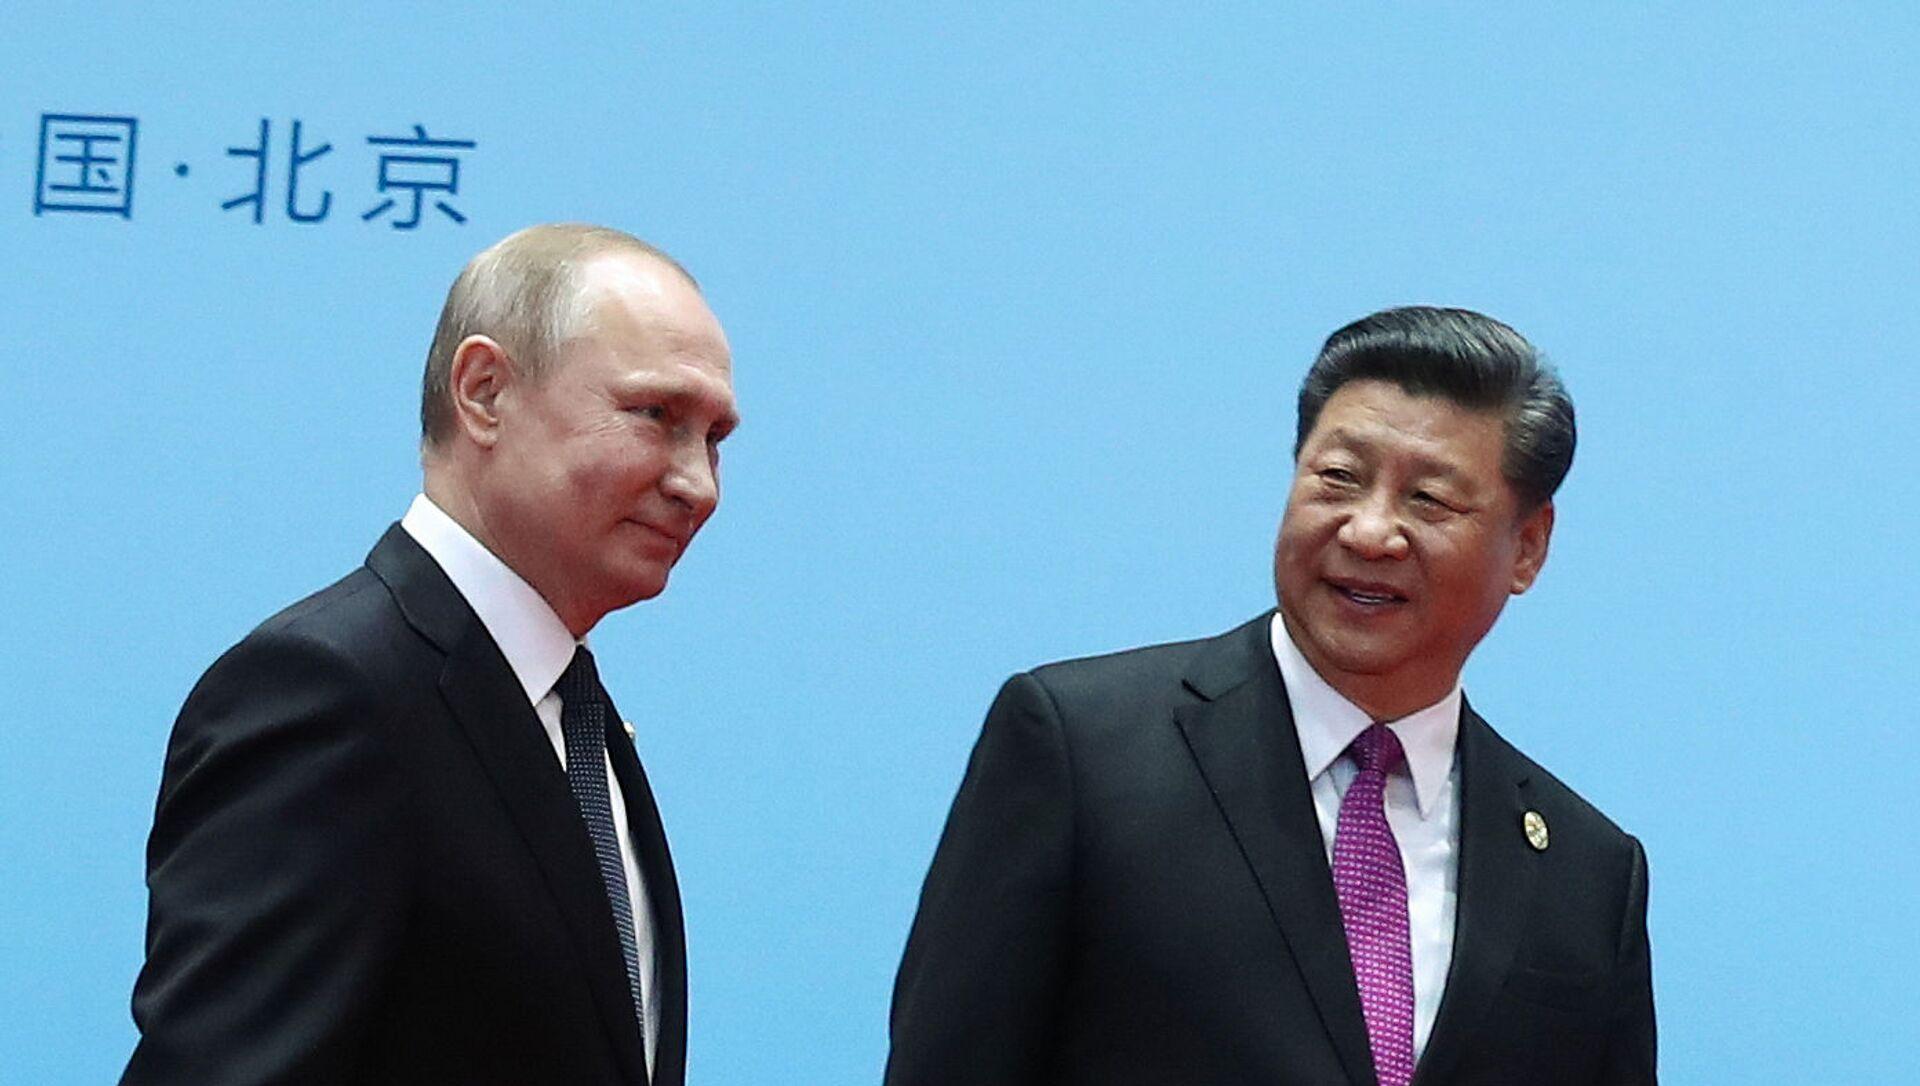 El presidente de Rusia, Vladímir Putin, y el presidente de China, Xi Jinping - Sputnik Mundo, 1920, 03.10.2020